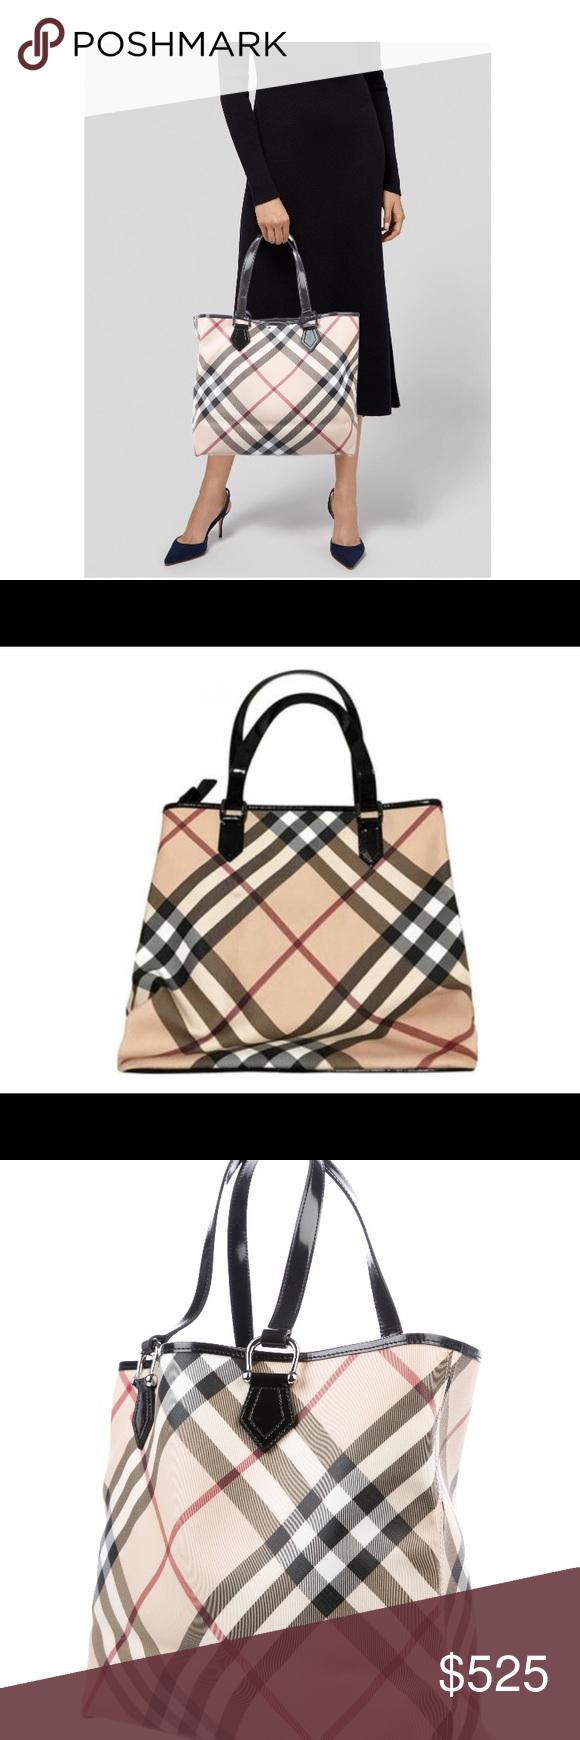 6daca64e76332 Authentic Burberry Super Nova Check Tote Bag 100% Authentic & in ...